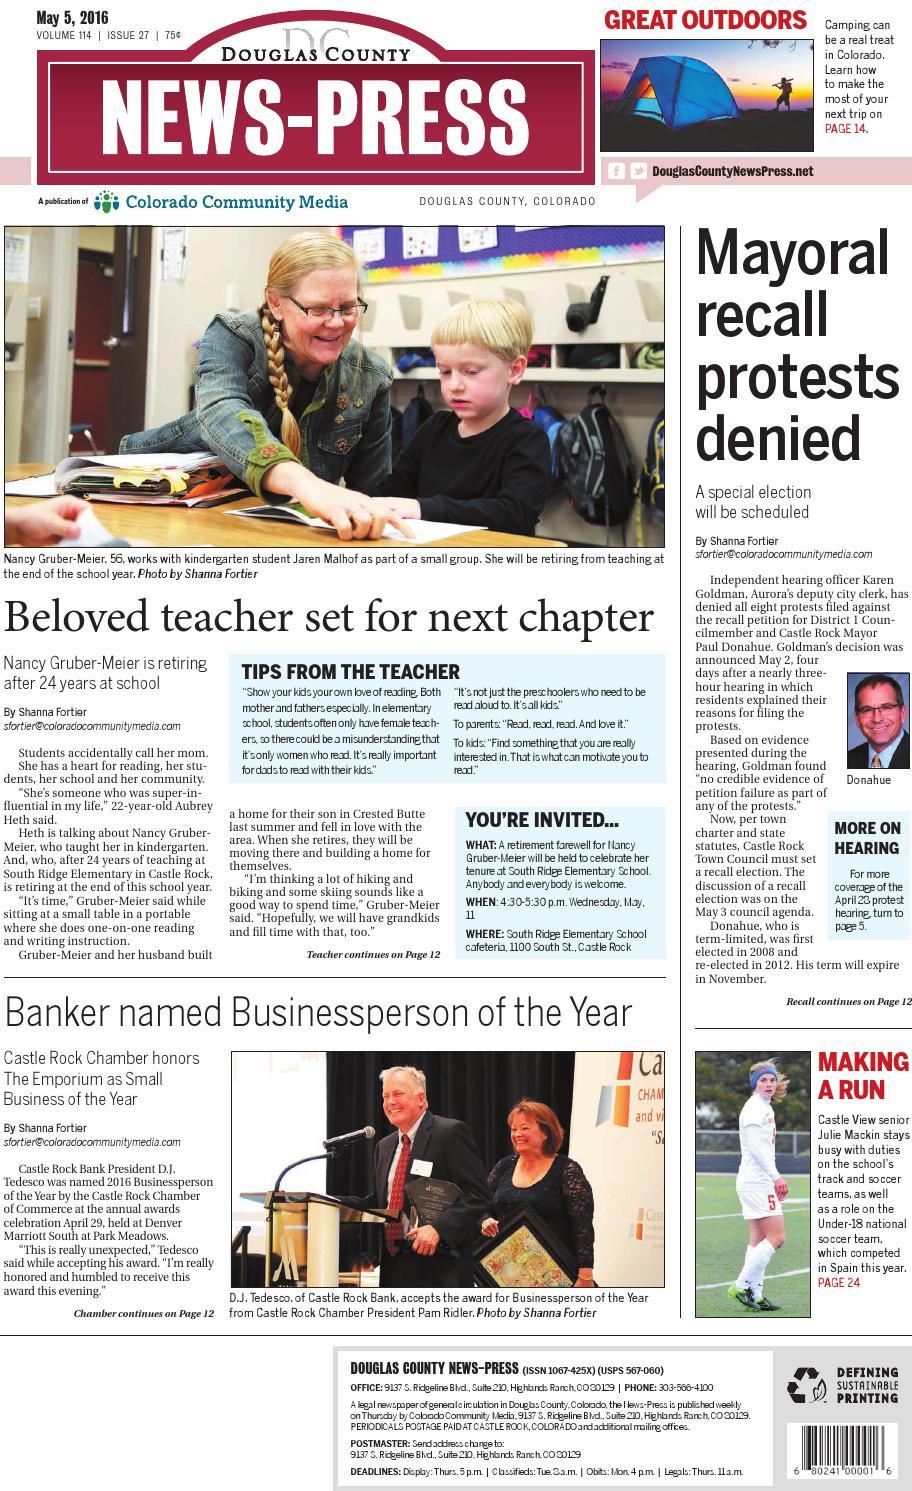 Douglas County News-Press 0505 by Colorado Community Media